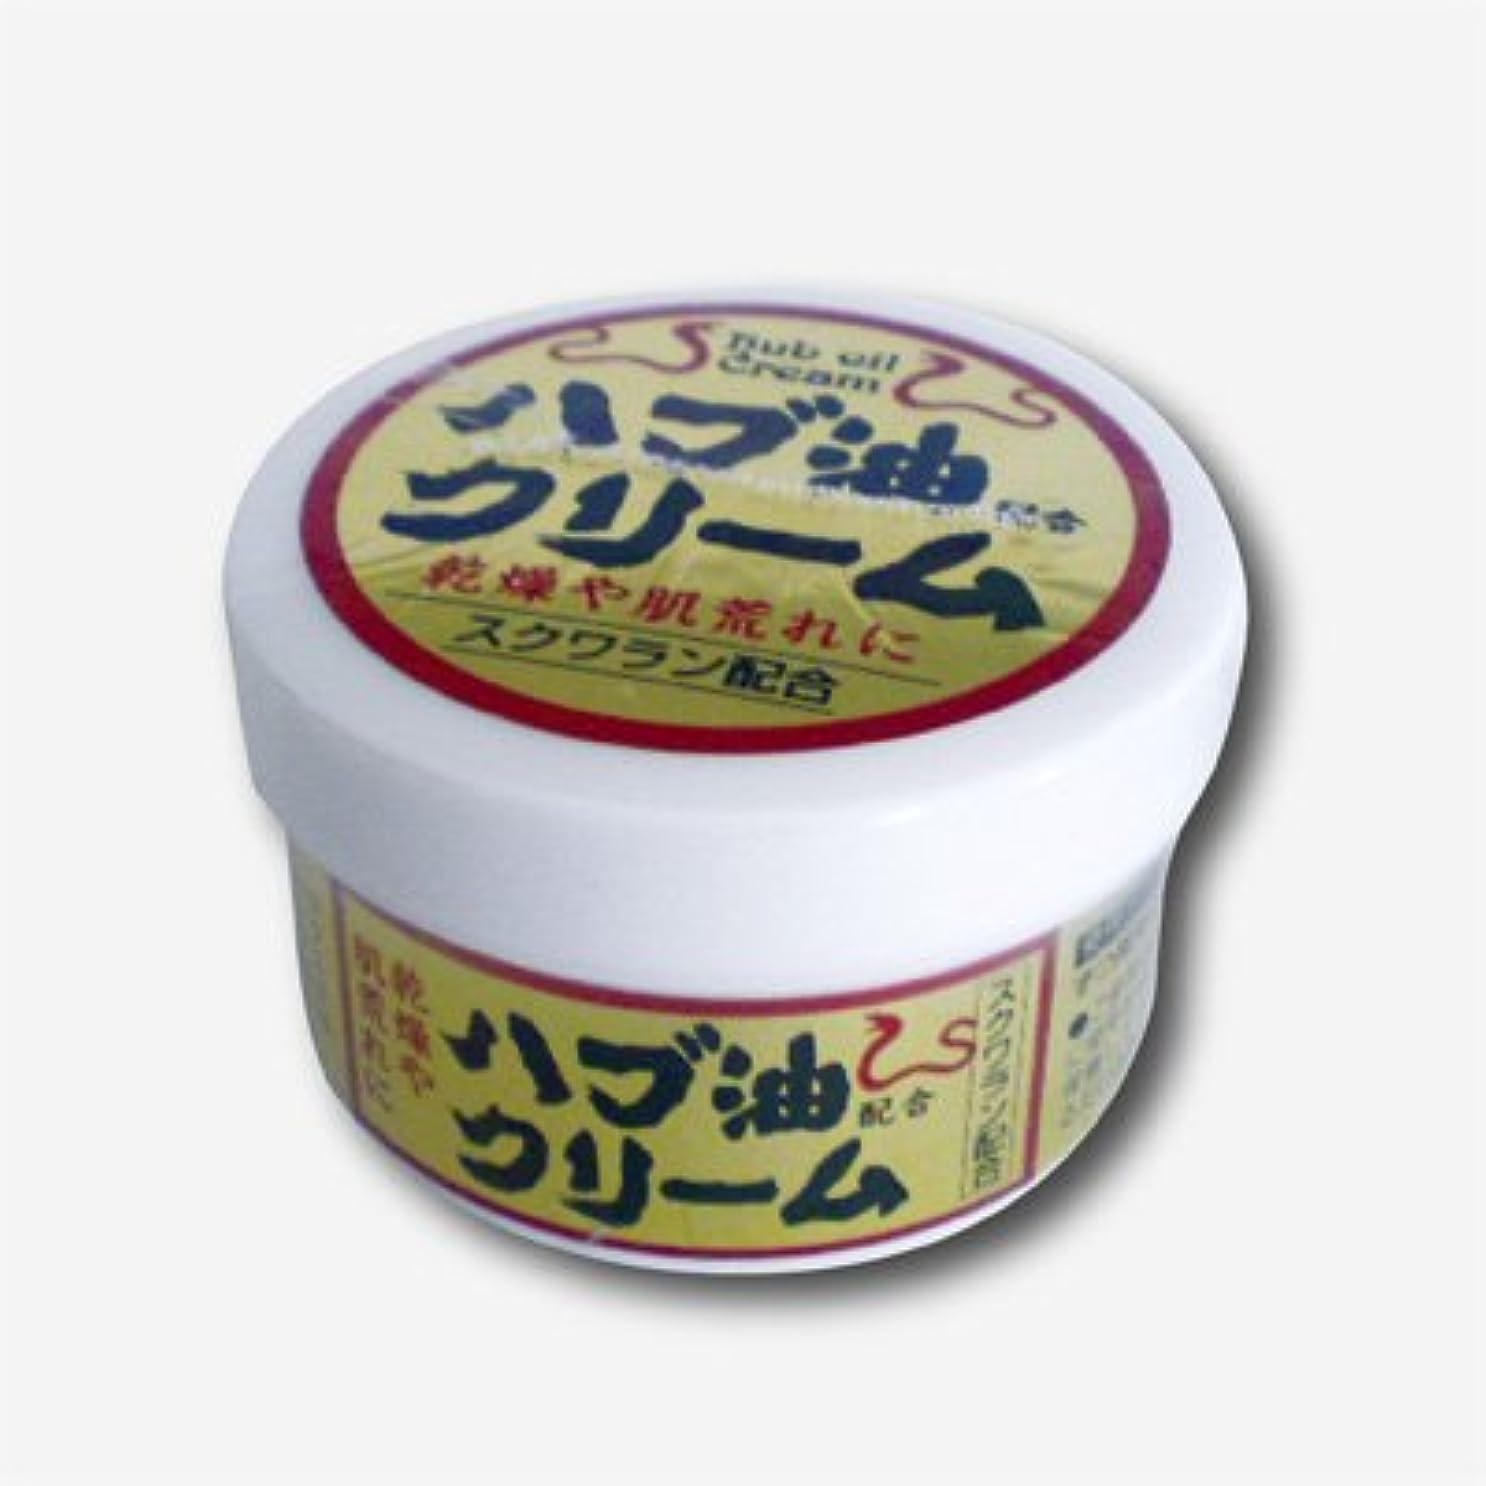 バーマド滅びる小数ハブ油配合クリーム 1個【1個?50g】